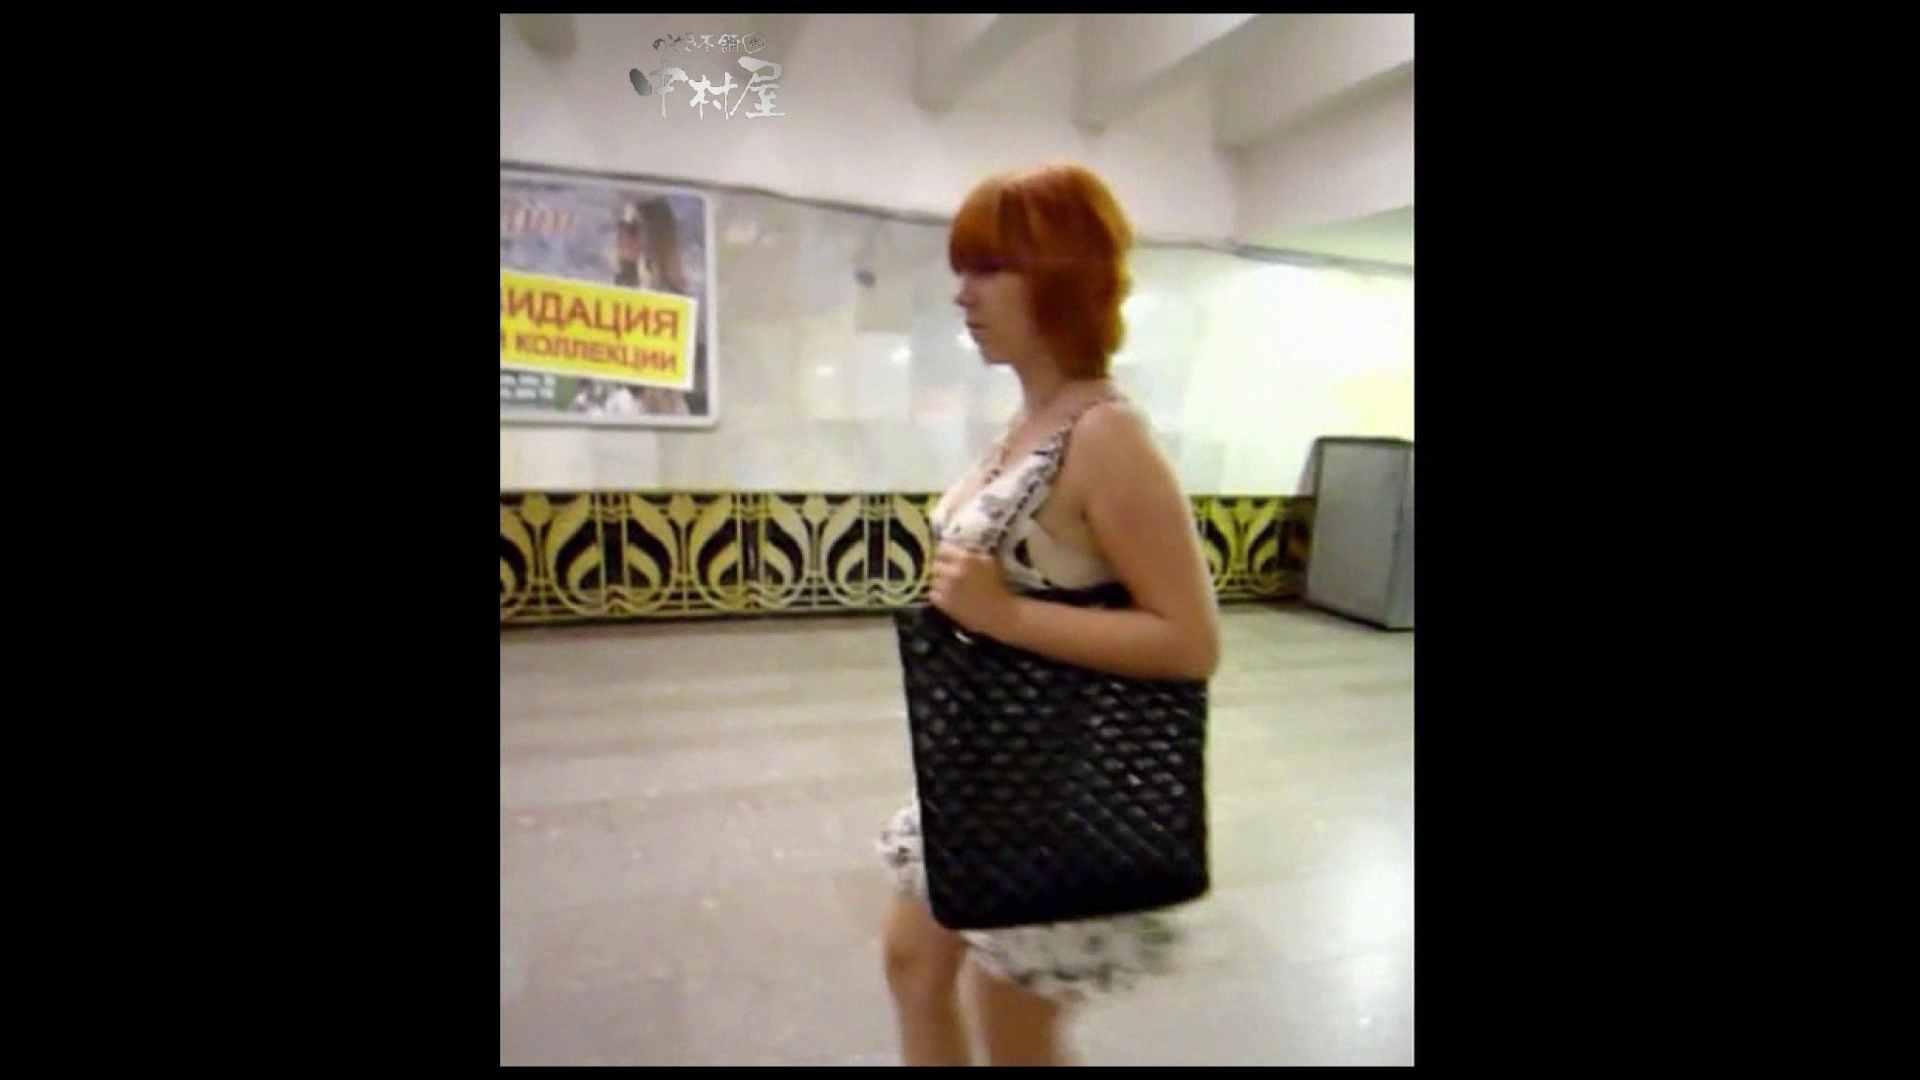 綺麗なモデルさんのスカート捲っちゃおう‼ vol30 お姉さんハメ撮り  109Pix 72